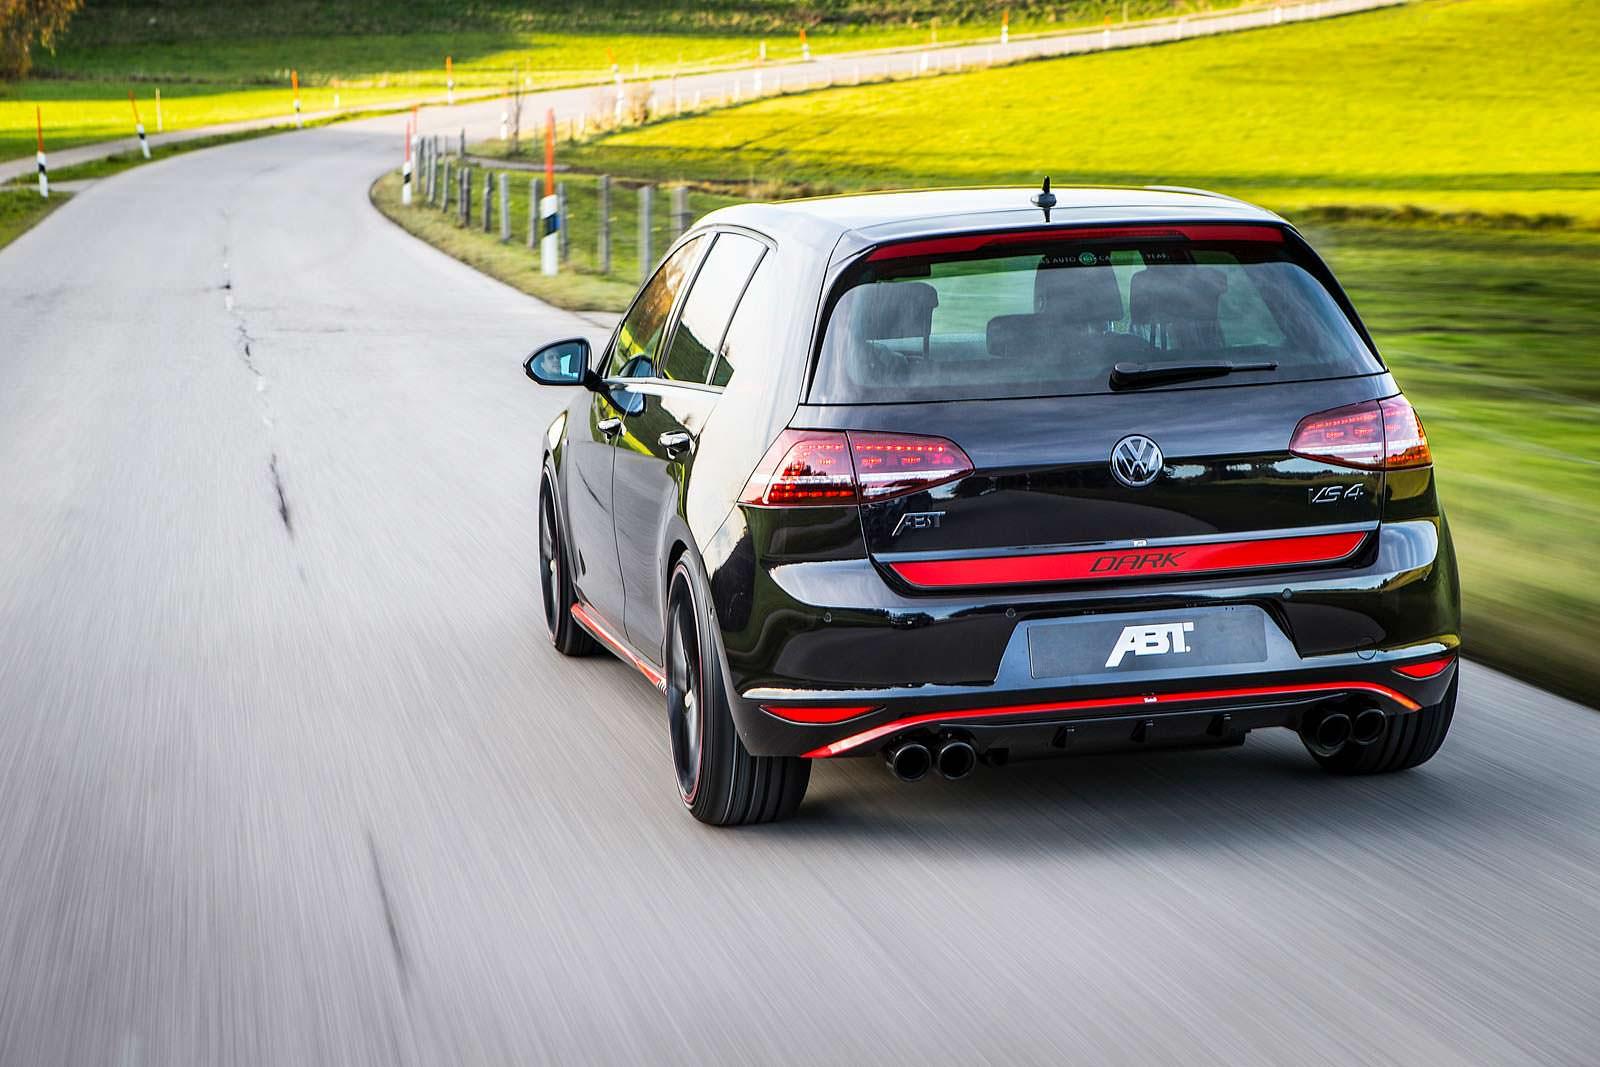 Профессионалы тюнинг-ателье ABT увеличили мощность версии VW Golf